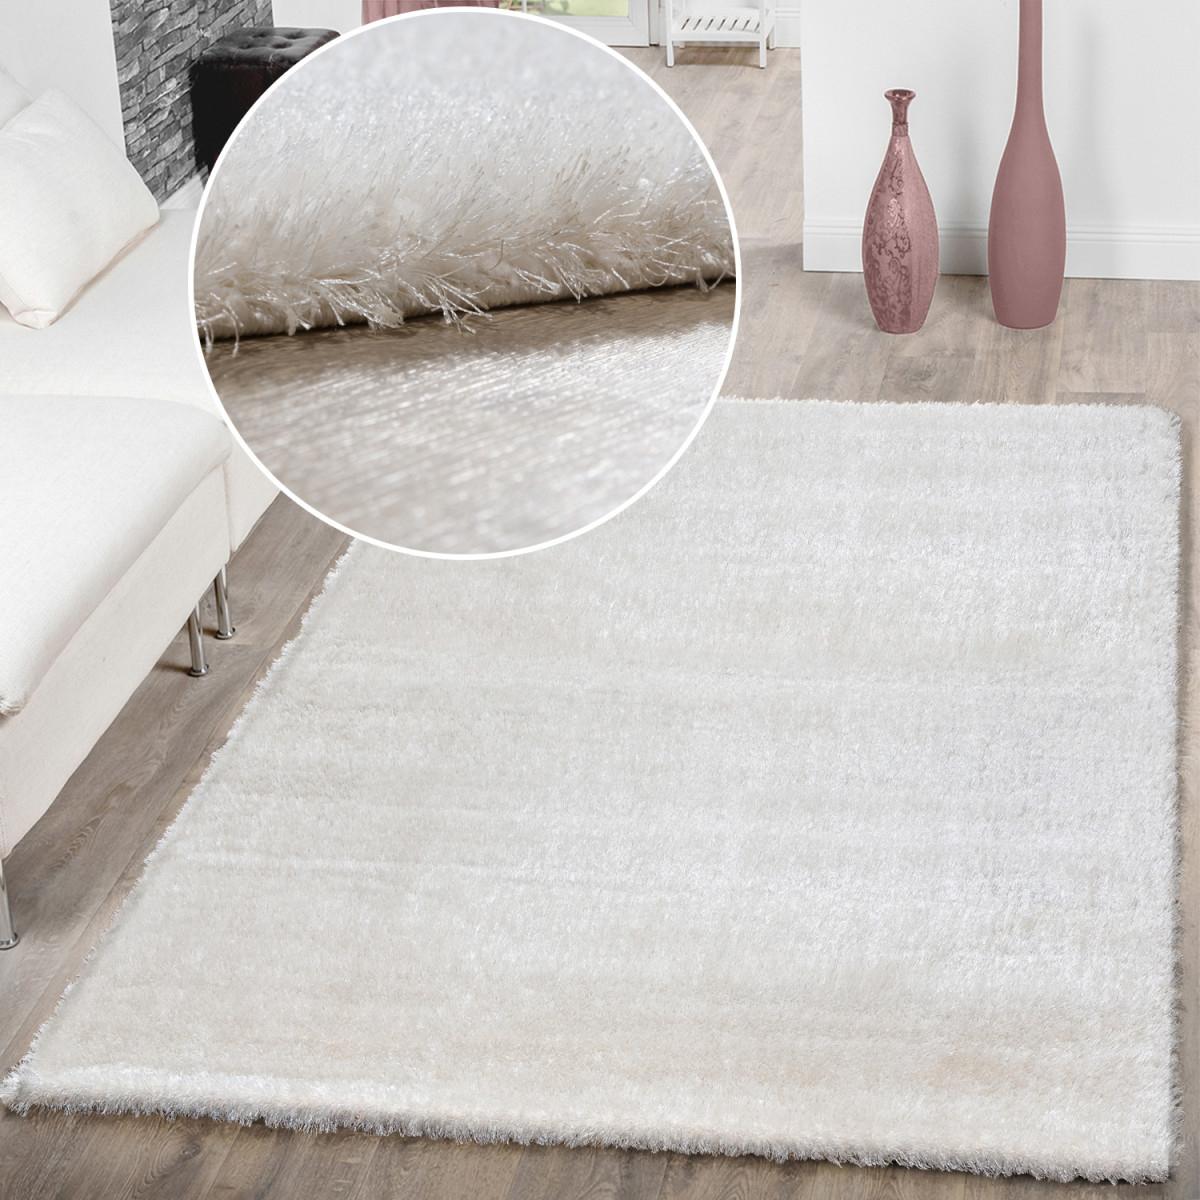 Details Zu Teppich Wohnzimmer Hochflor Teppiche Modern Elegant Weich  Schimmer In Uni Weiß von Teppich Wohnzimmer Weiß Bild